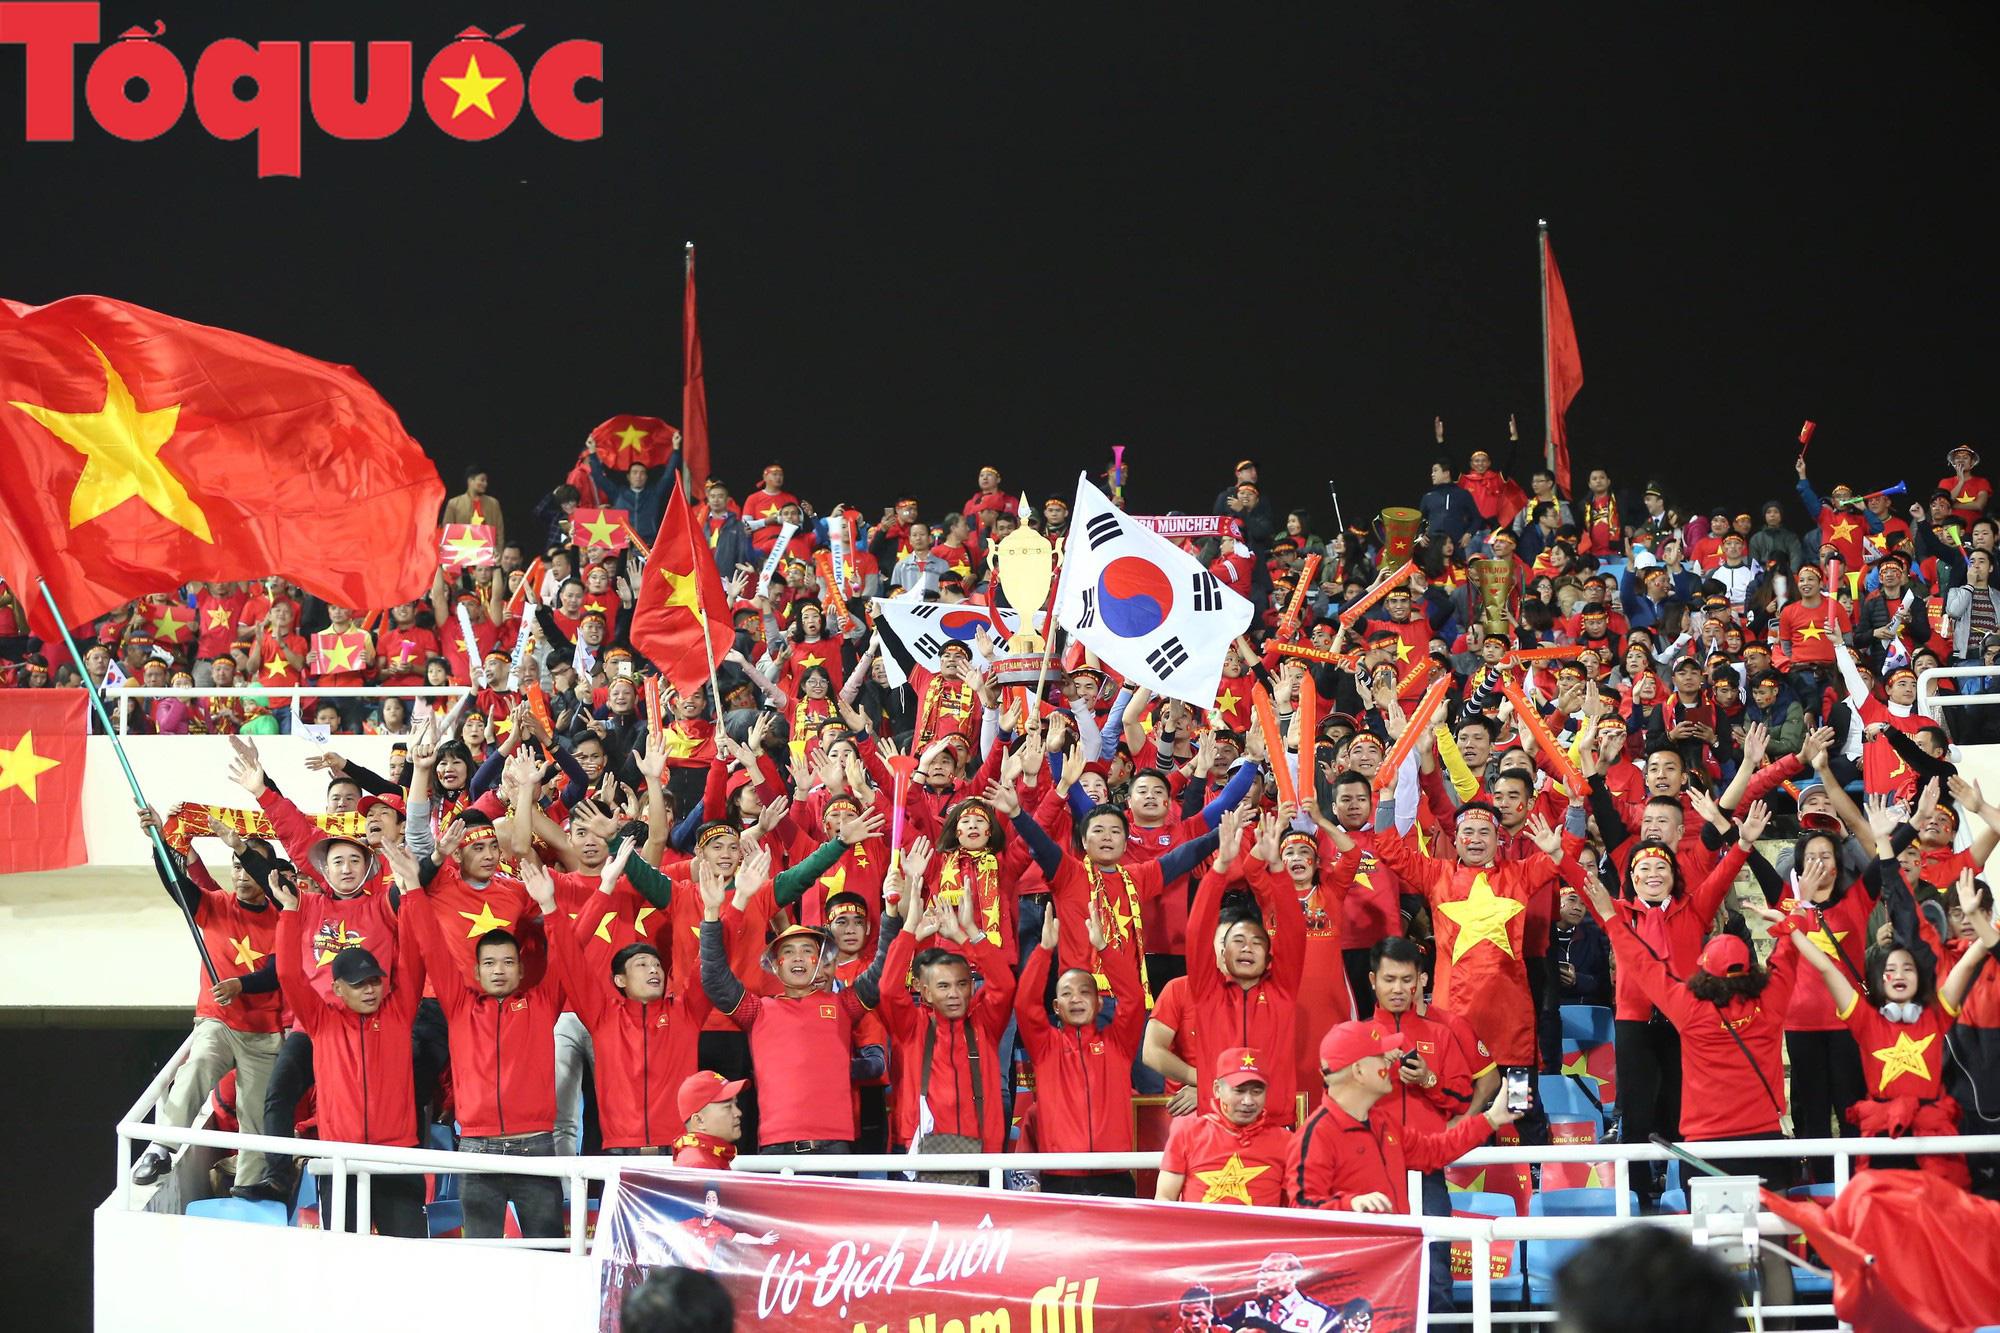 Ông Park ơi, trong lòng người hâm mộ Việt Nam không chỉ dành tình yêu cho riêng ông mà còn cả xứ sở Kim chi nữa đấy - Ảnh 4.